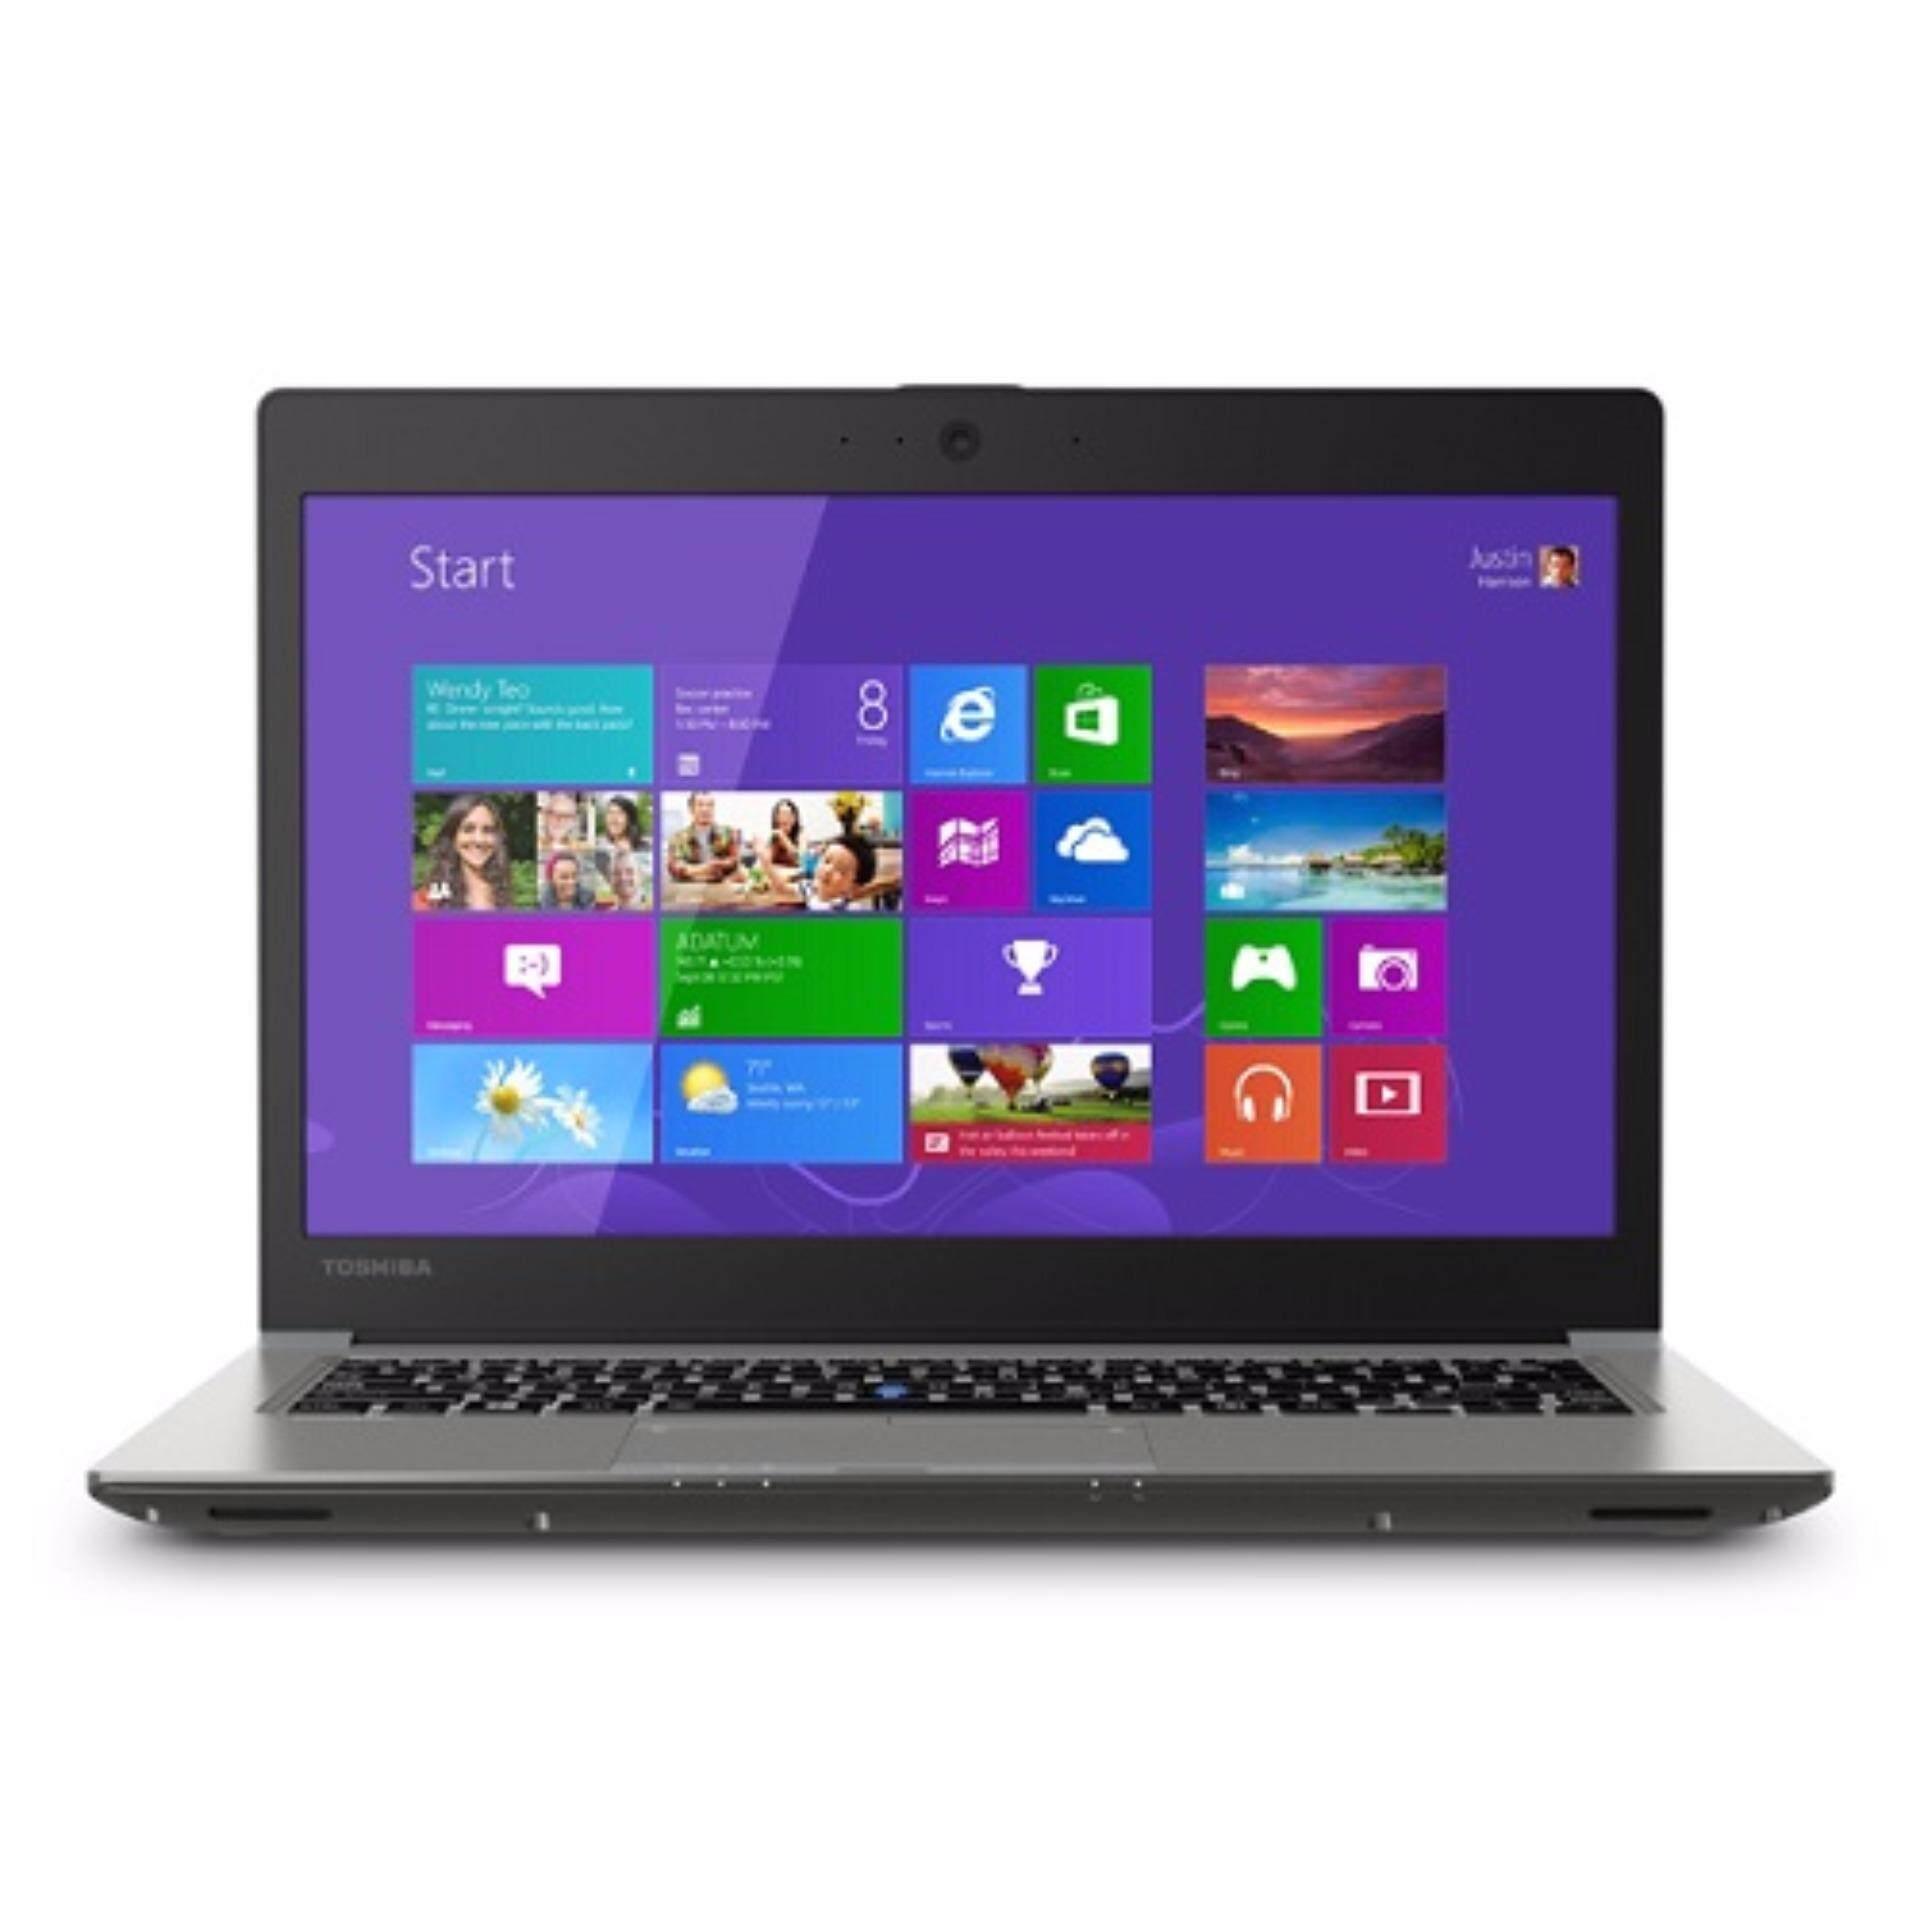 Refurbished Toshiba Portege Z30-A Laptop / 13.3 Inch / Intel i7 / 8GB RAM / 512GB SSD / Win 10 Malaysia